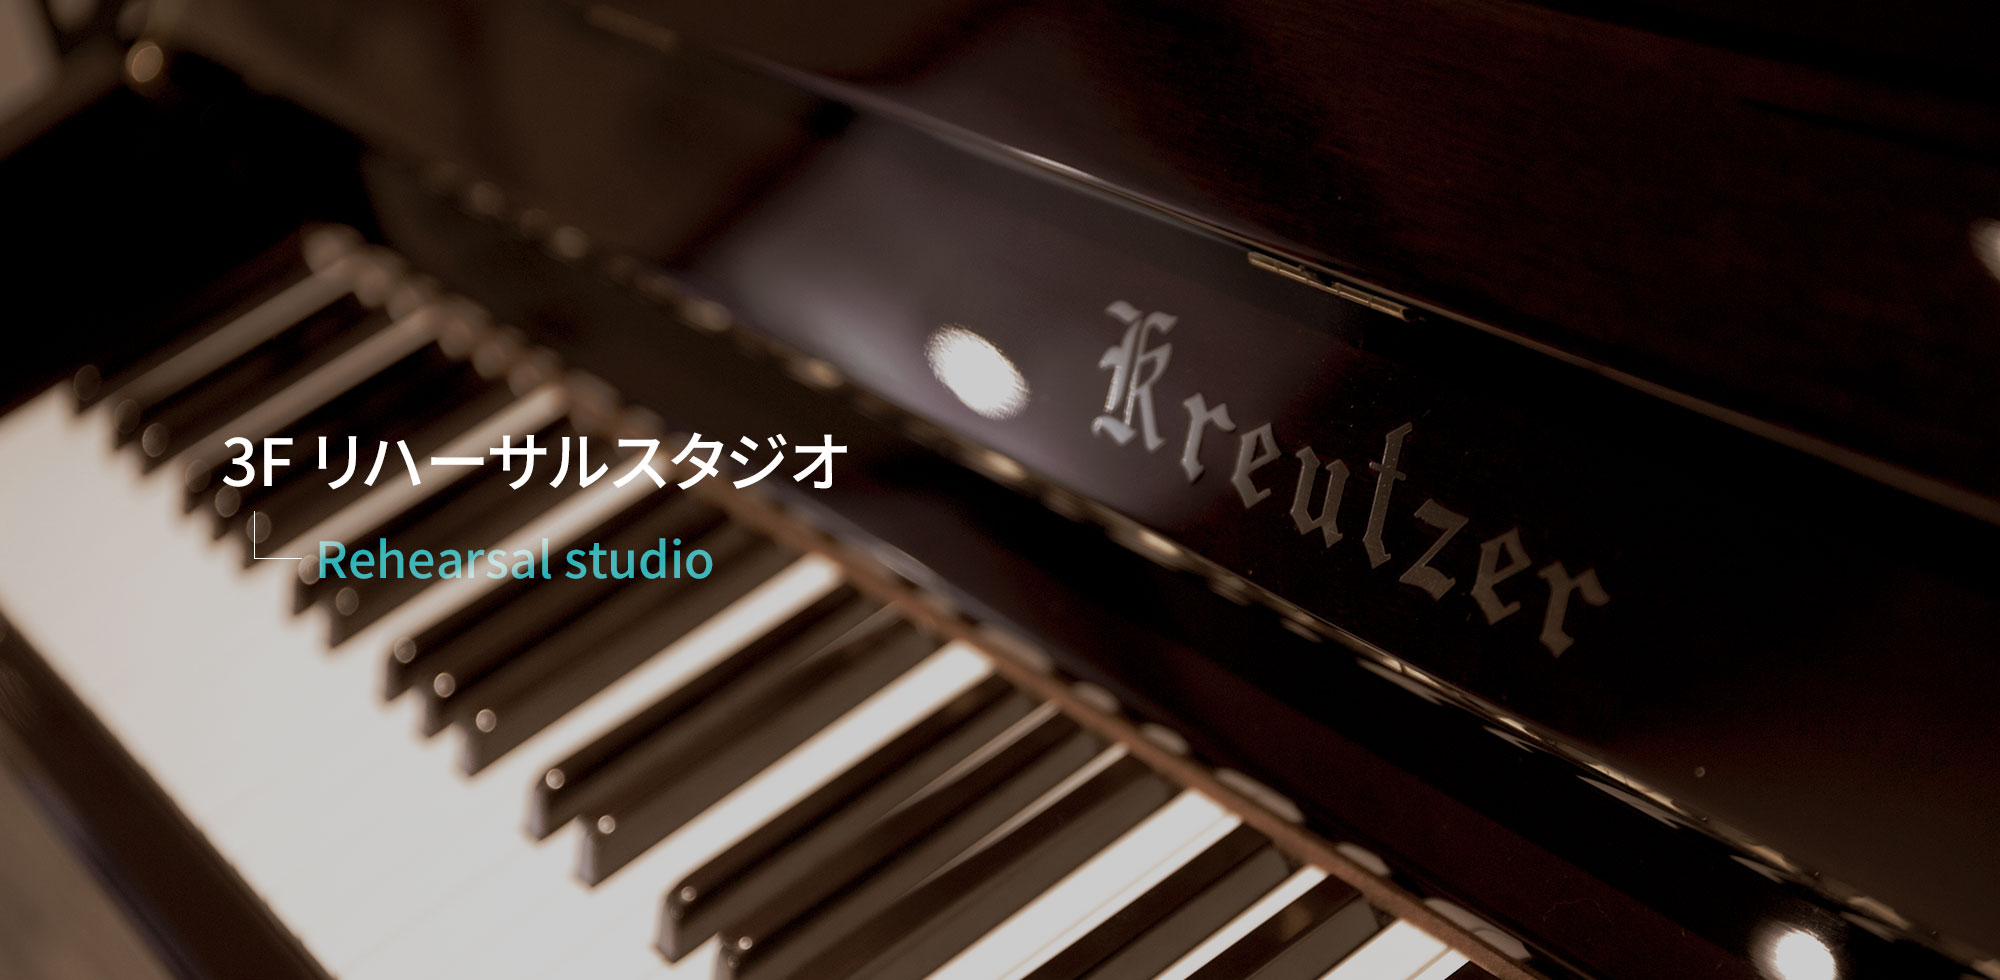 3Fリハーサルスタジオ